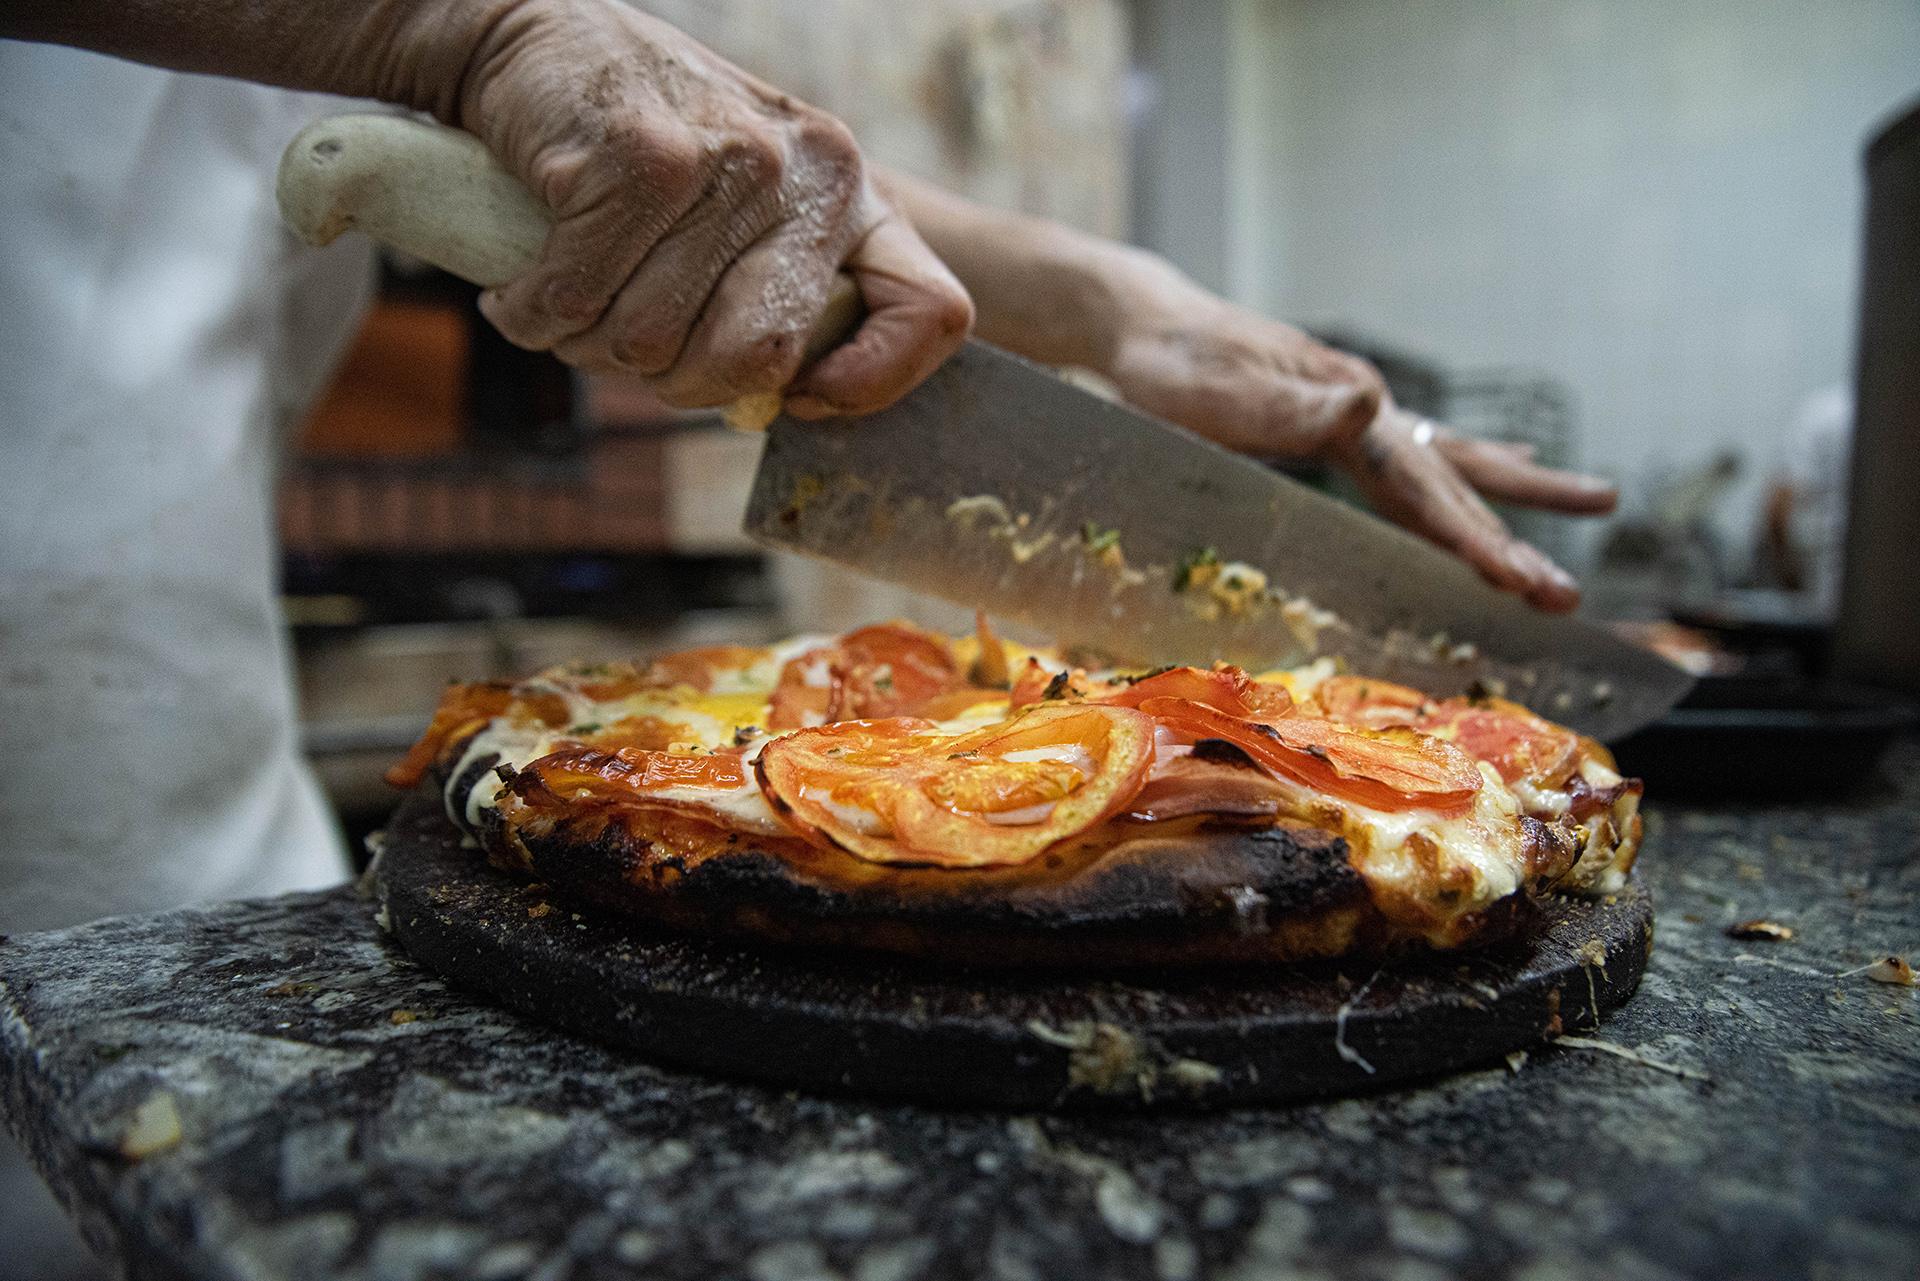 La pizza napolitana es otra de las especialidades de la casa. Con muzzarella y tomate, es una de las favoritas de todos los comensales